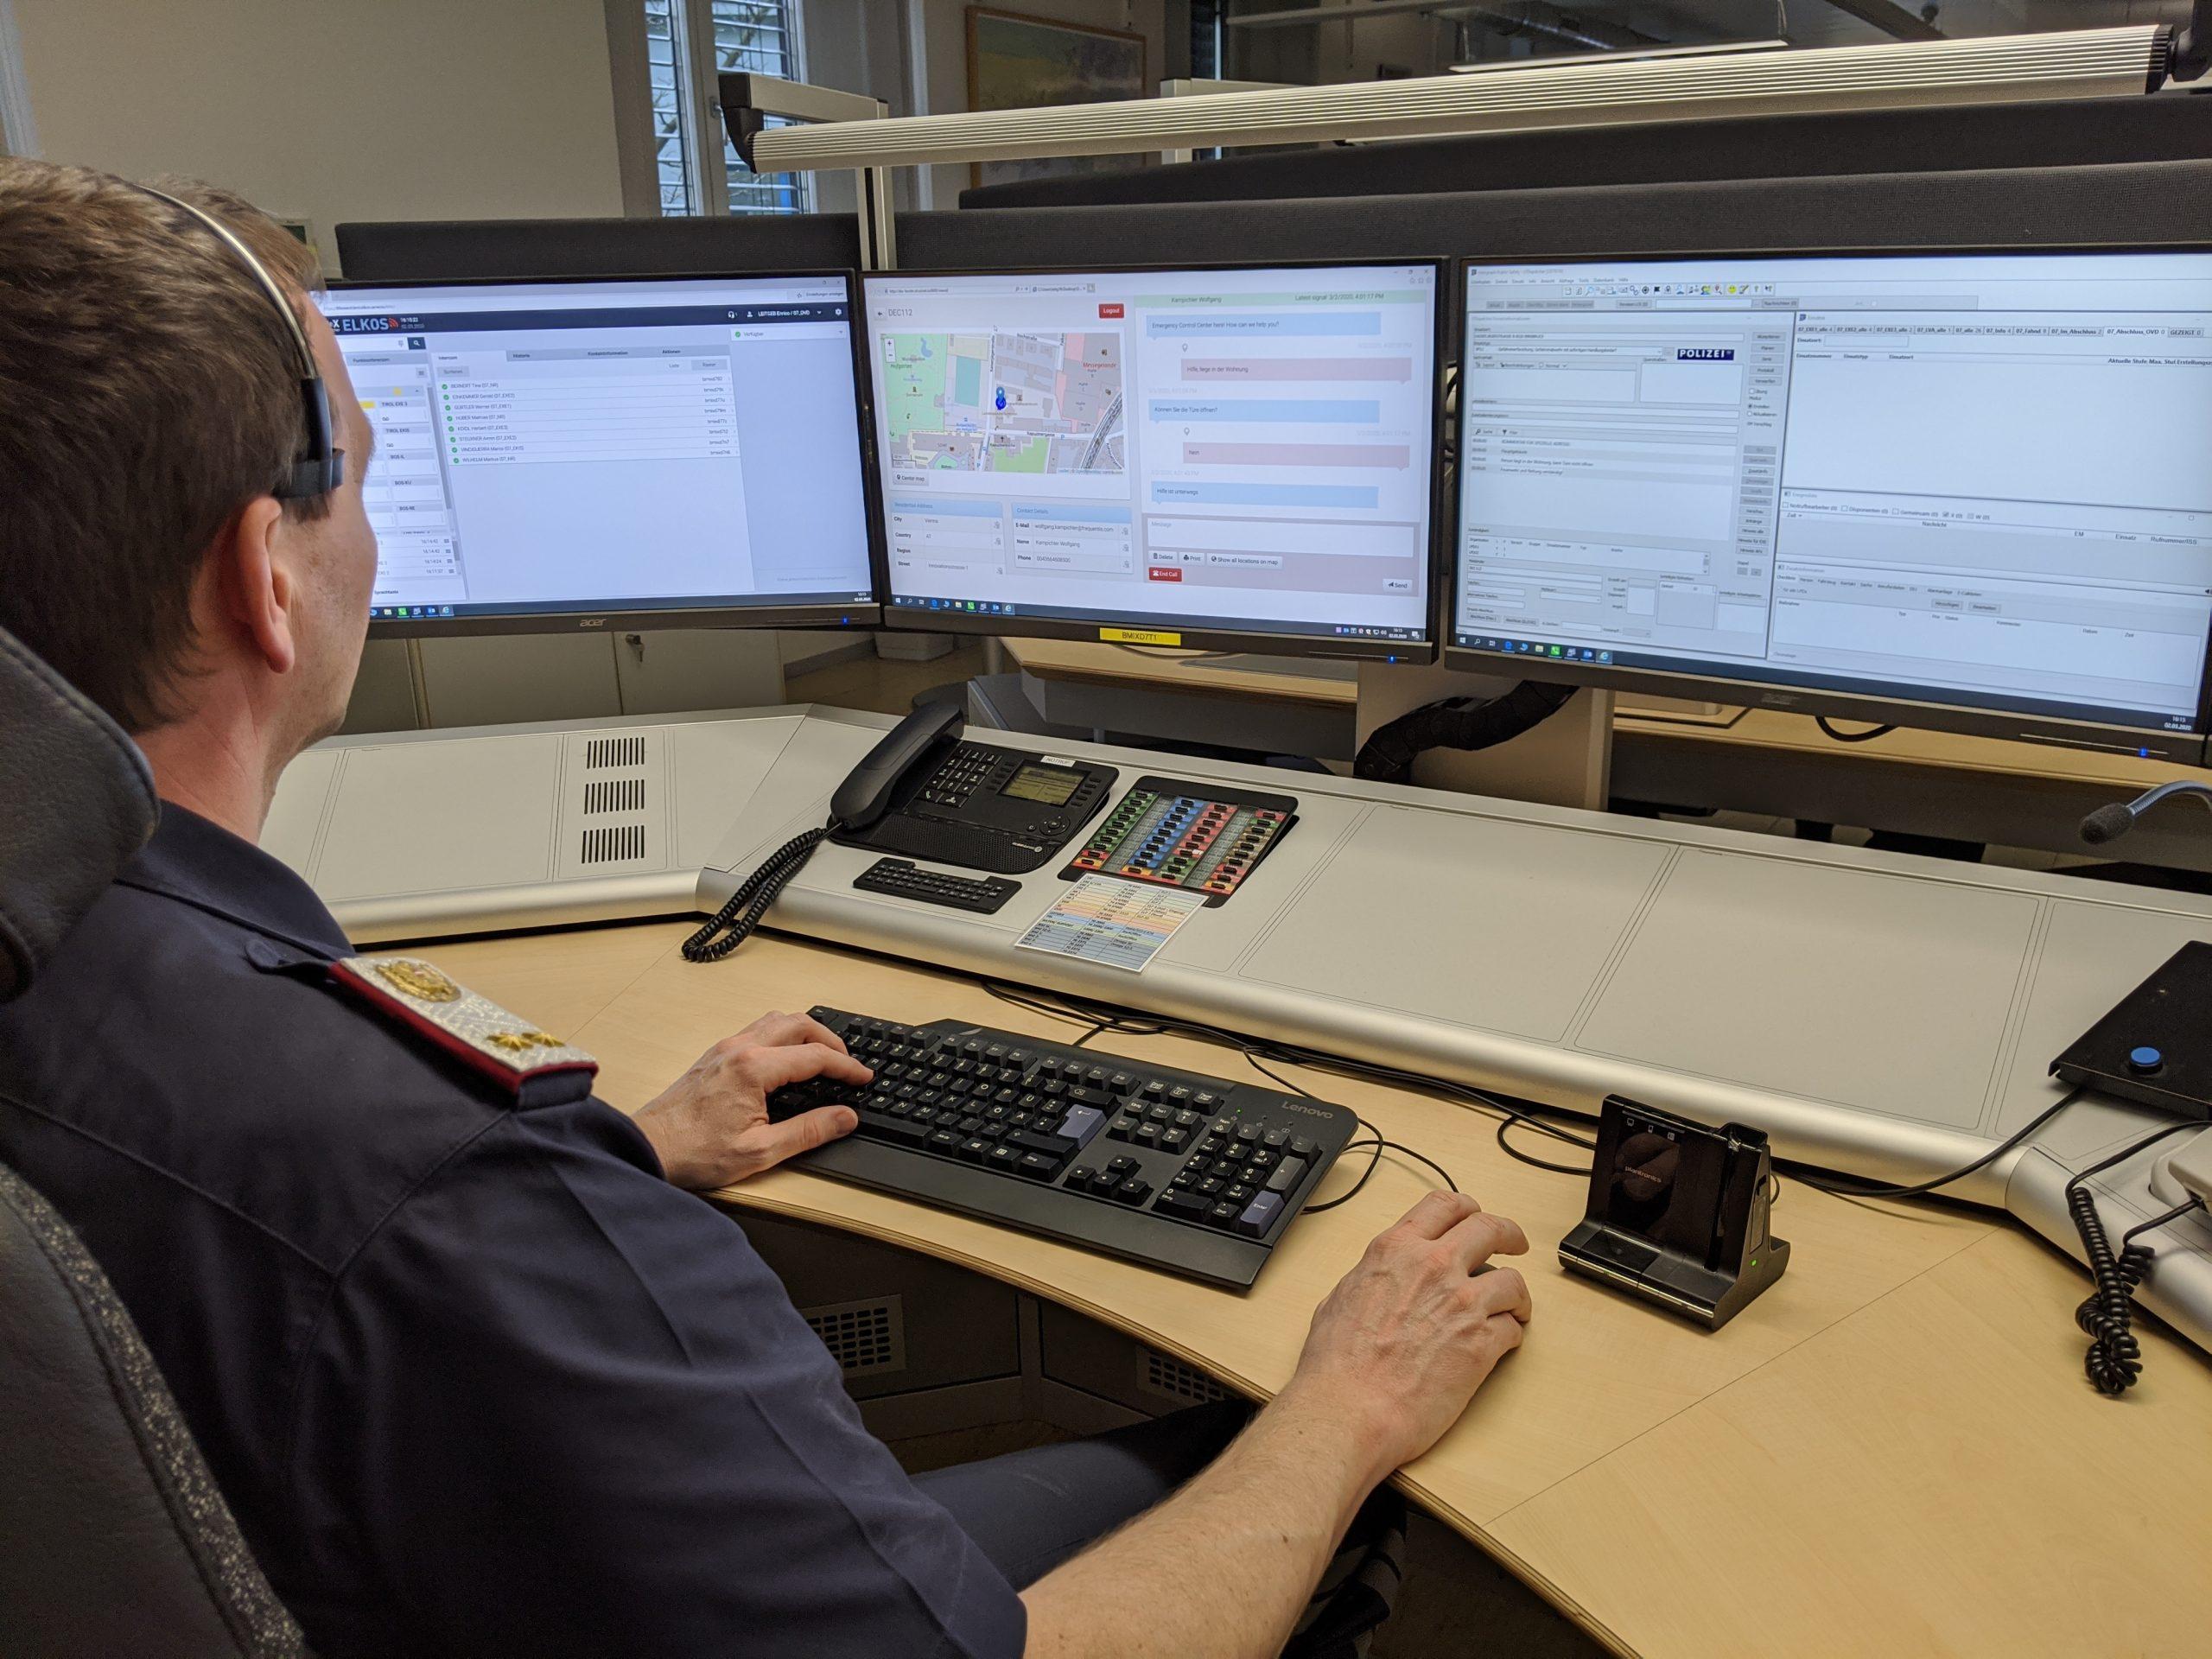 Mitarbeiter der Landespolizeizentrale Tirol sitzt vor 3 Kontrollbildschirmen. Auf einem davon läuft der DEC112 Viewer.